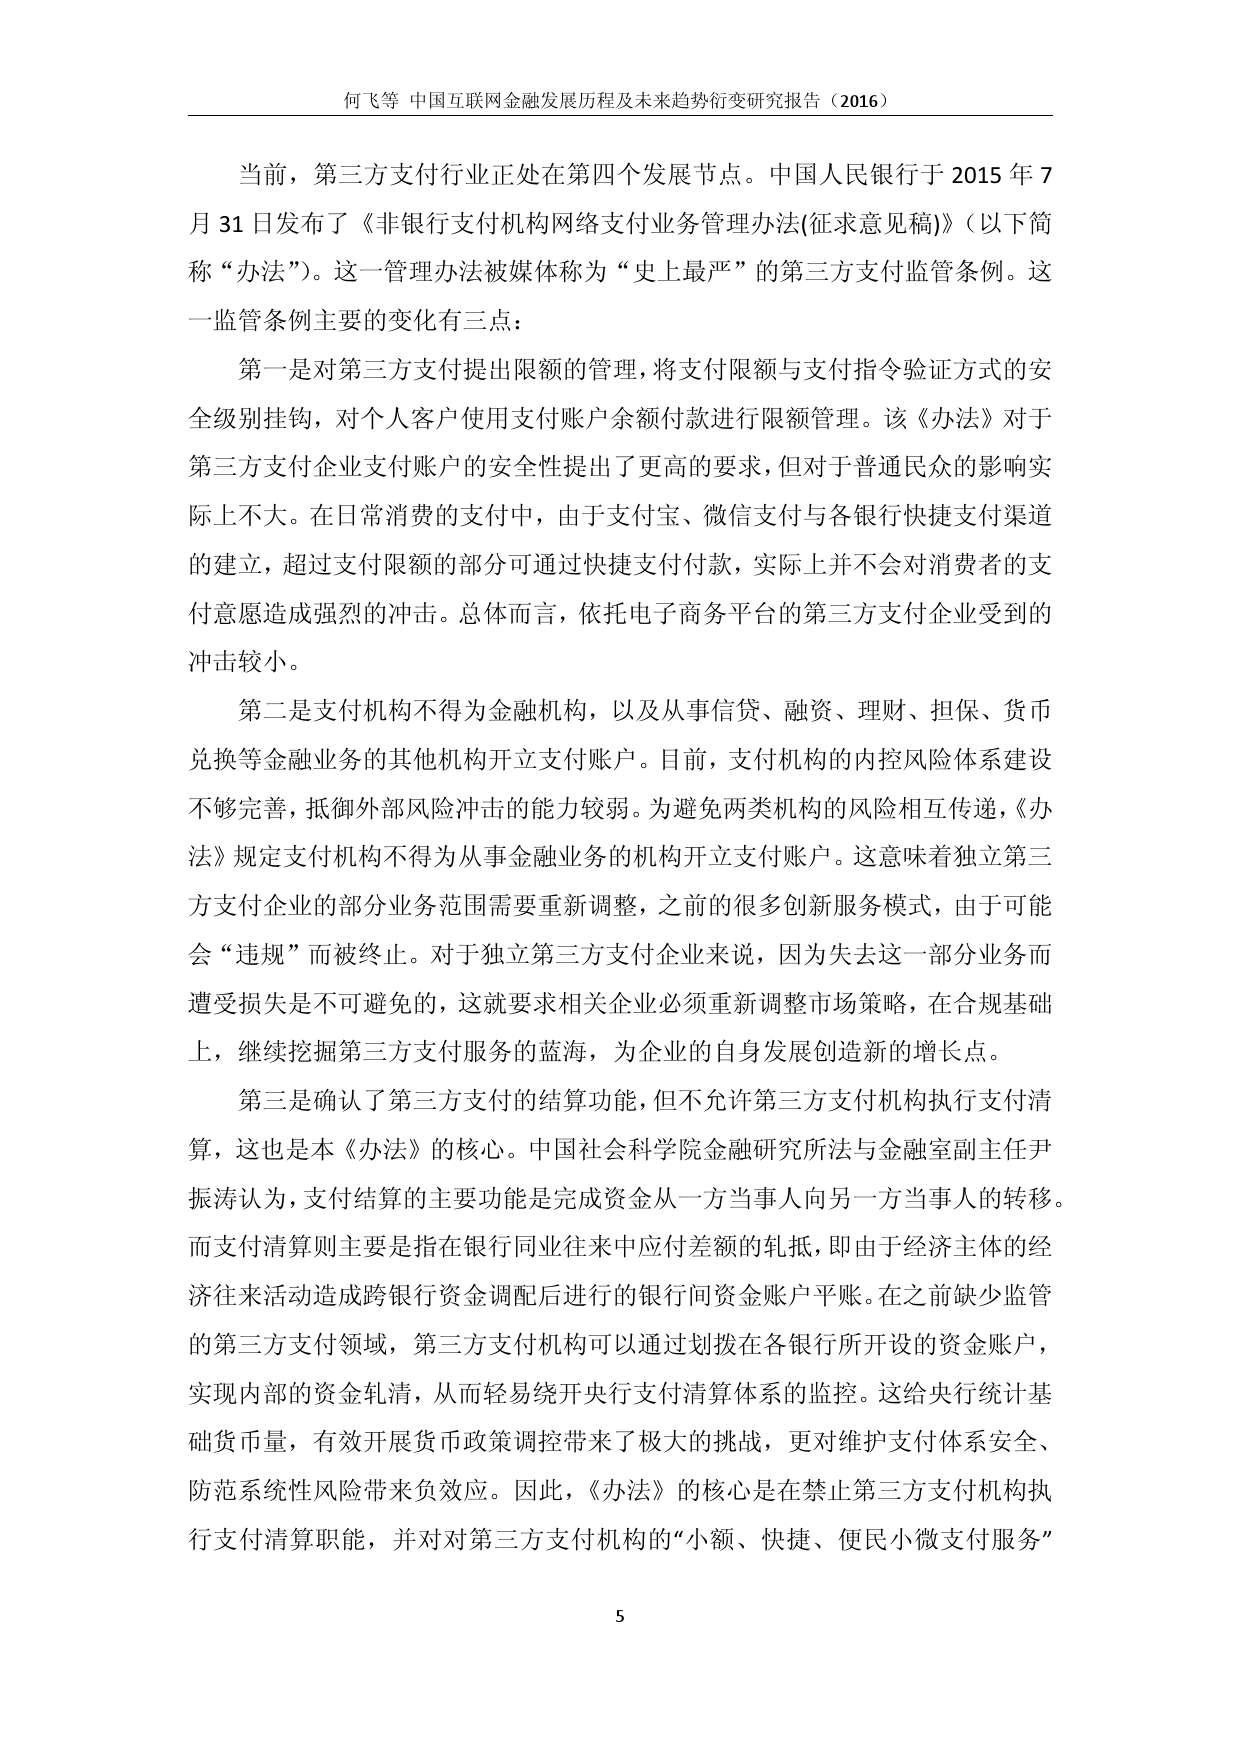 中国互联网金融发展历程及未来趋势衍变研究报告(2016)_000010